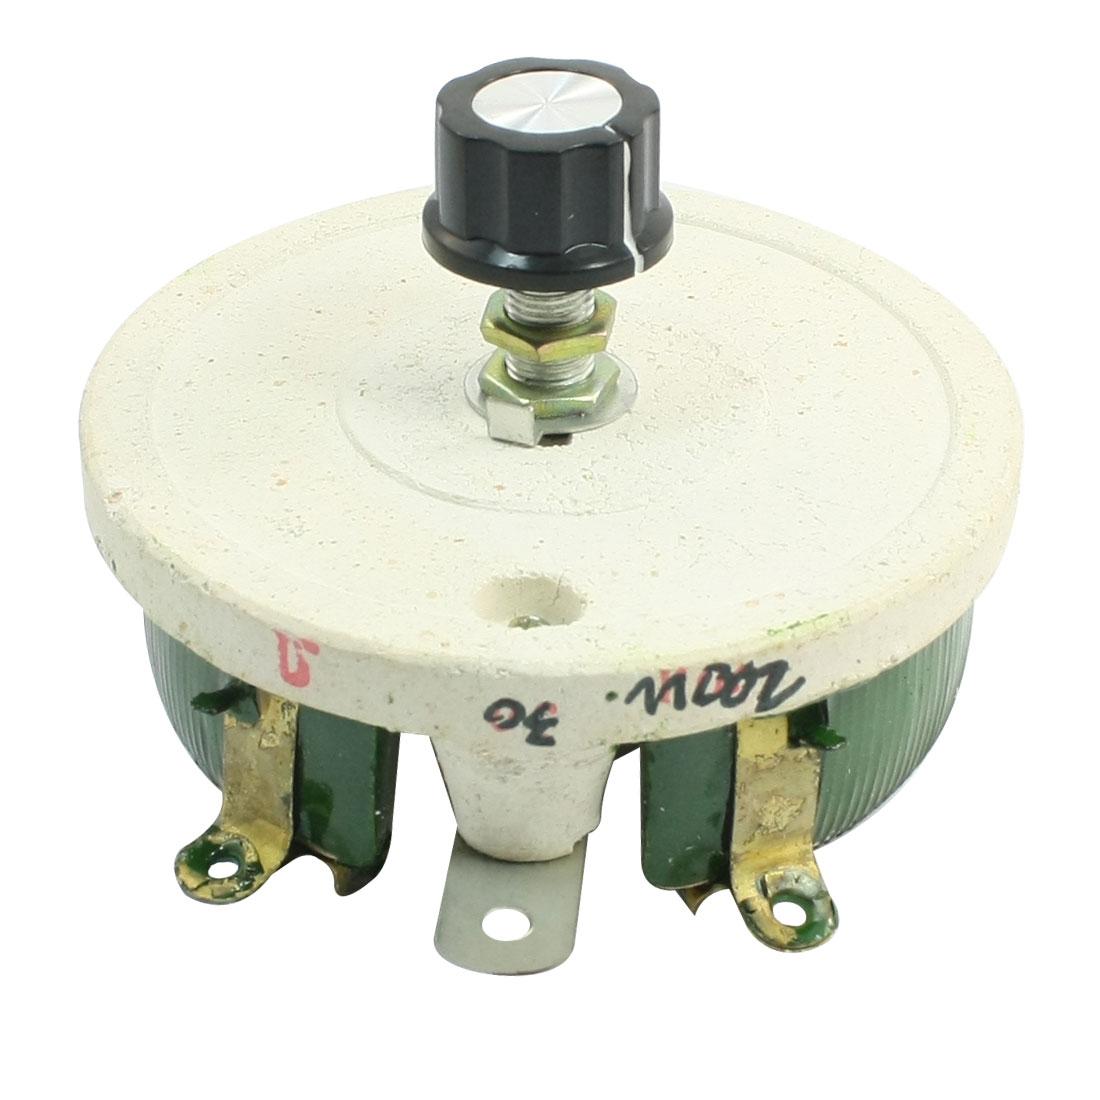 200W 30 Ohm Ceramic Potentiometer Variable Taper Pot Resistor Rheostat